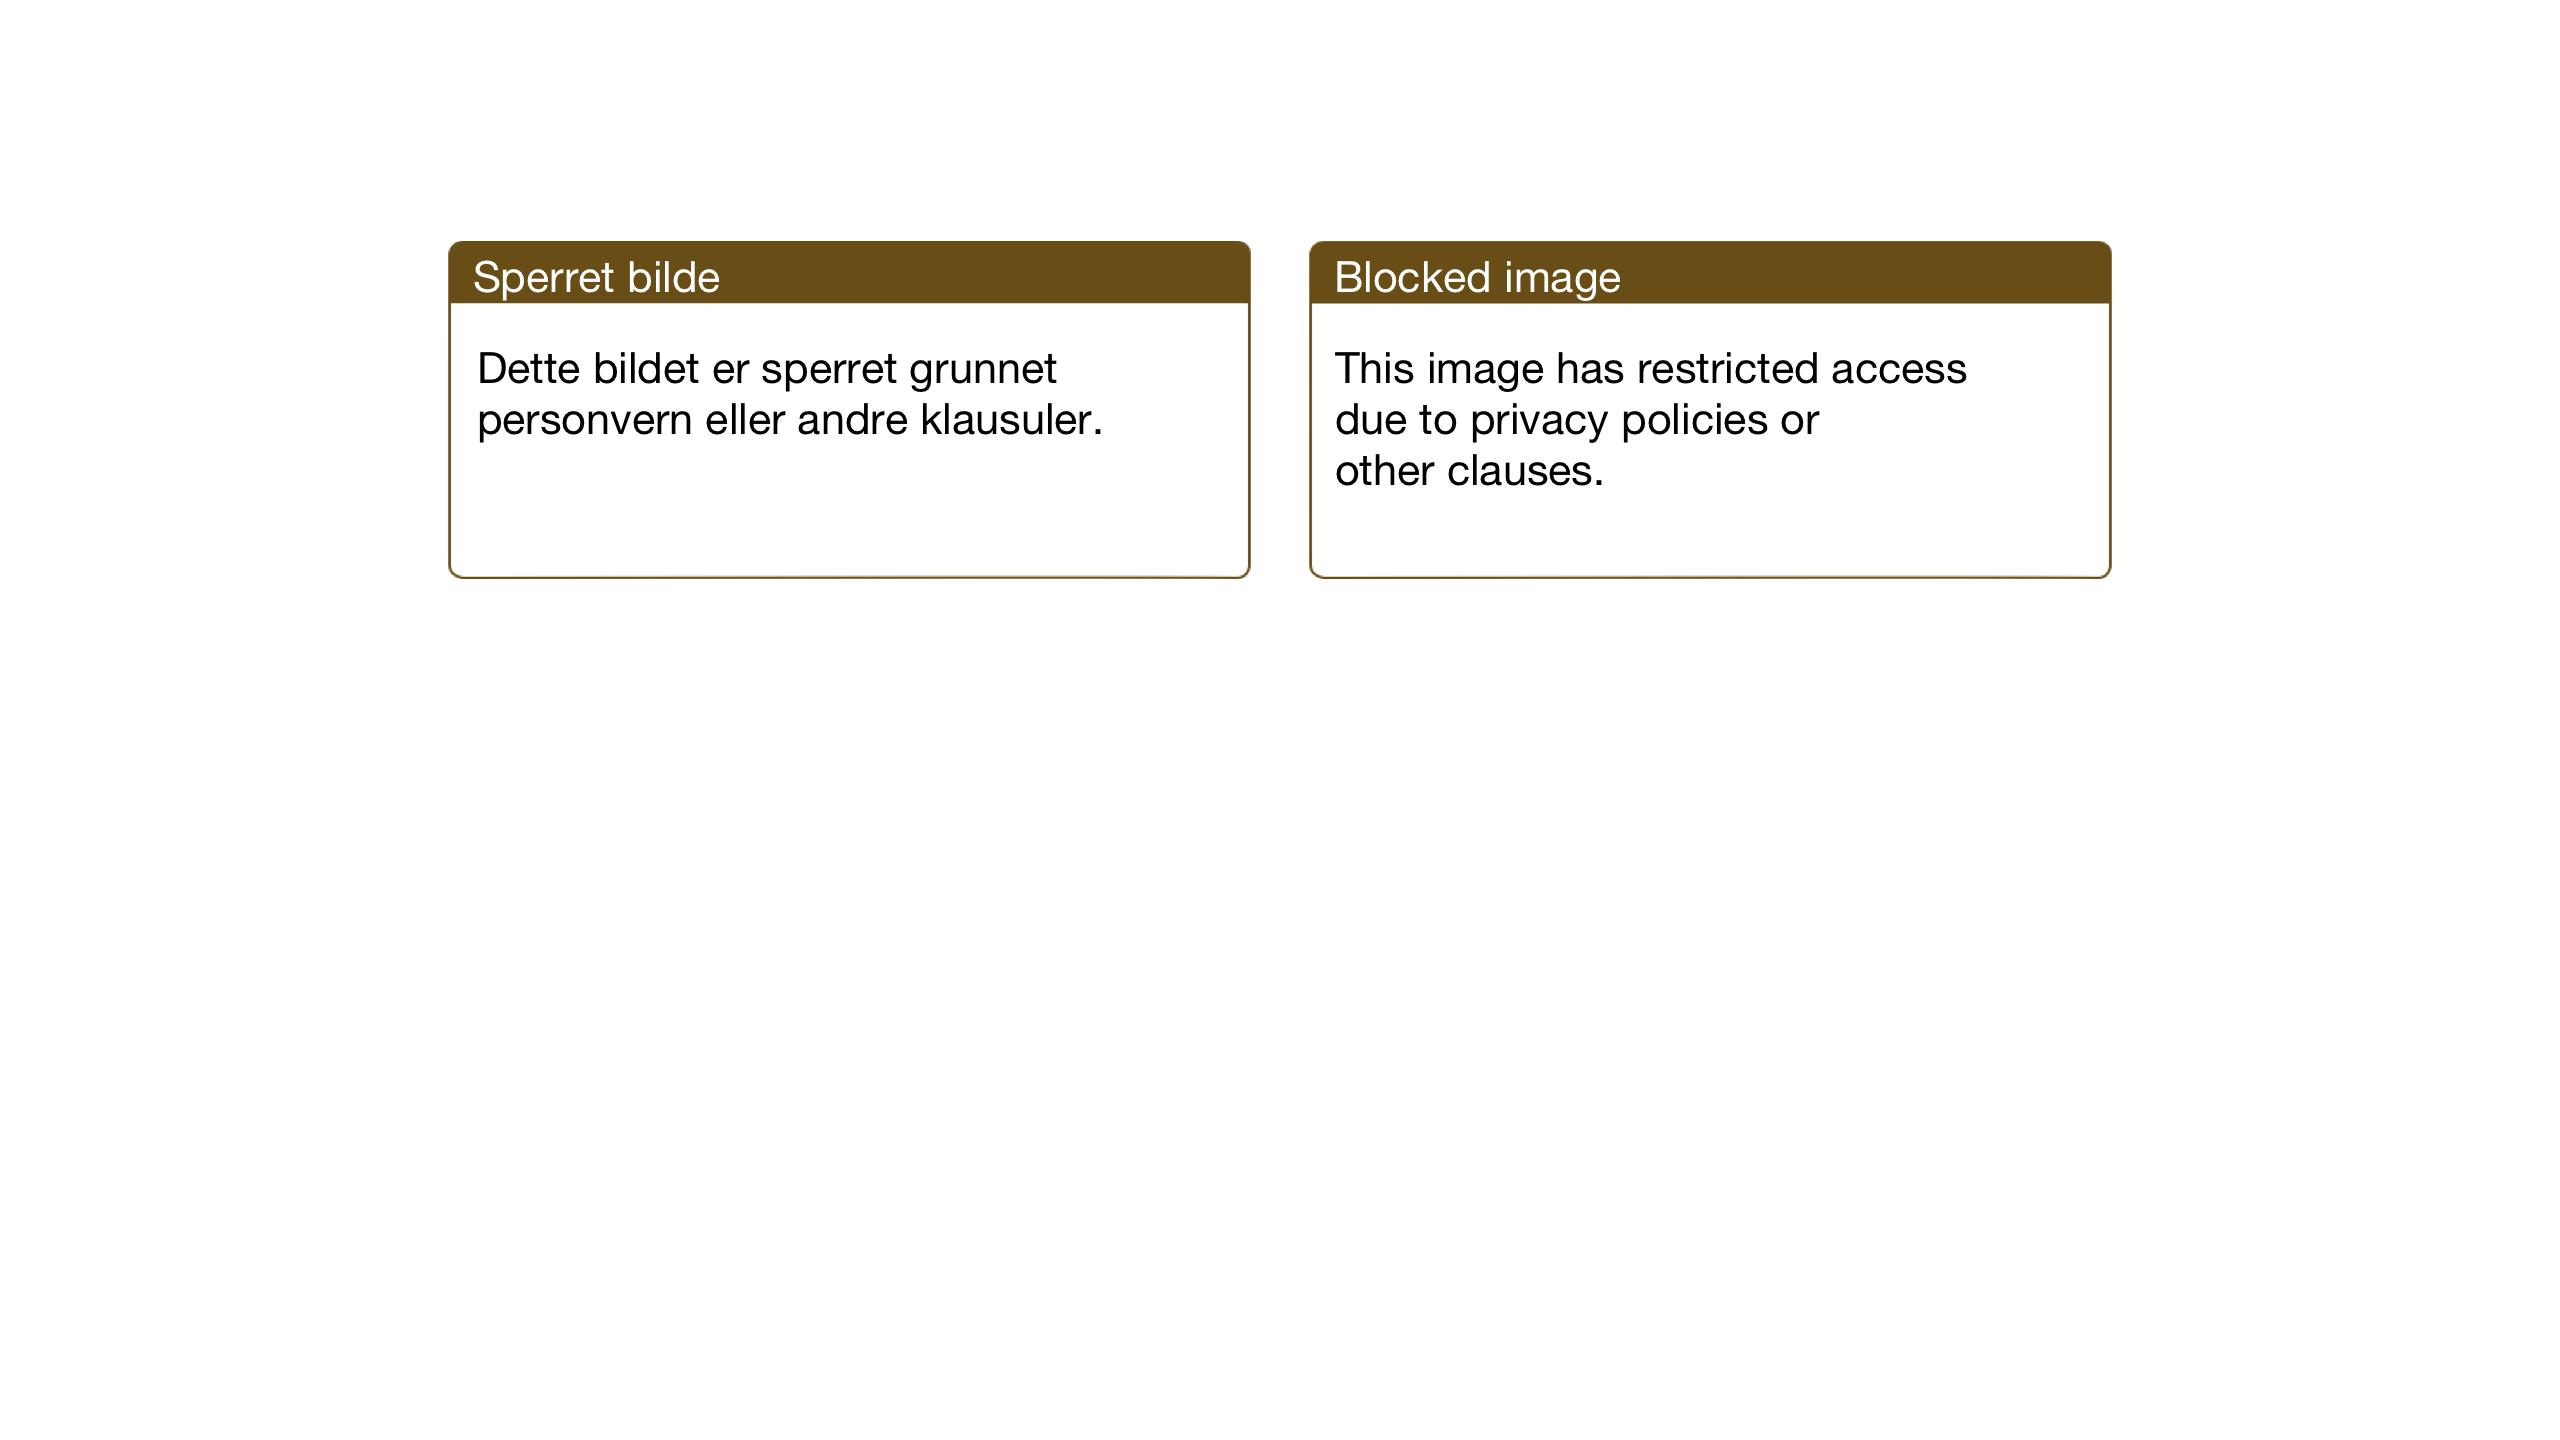 SAT, Ministerialprotokoller, klokkerbøker og fødselsregistre - Sør-Trøndelag, 667/L0799: Klokkerbok nr. 667C04, 1929-1950, s. 63